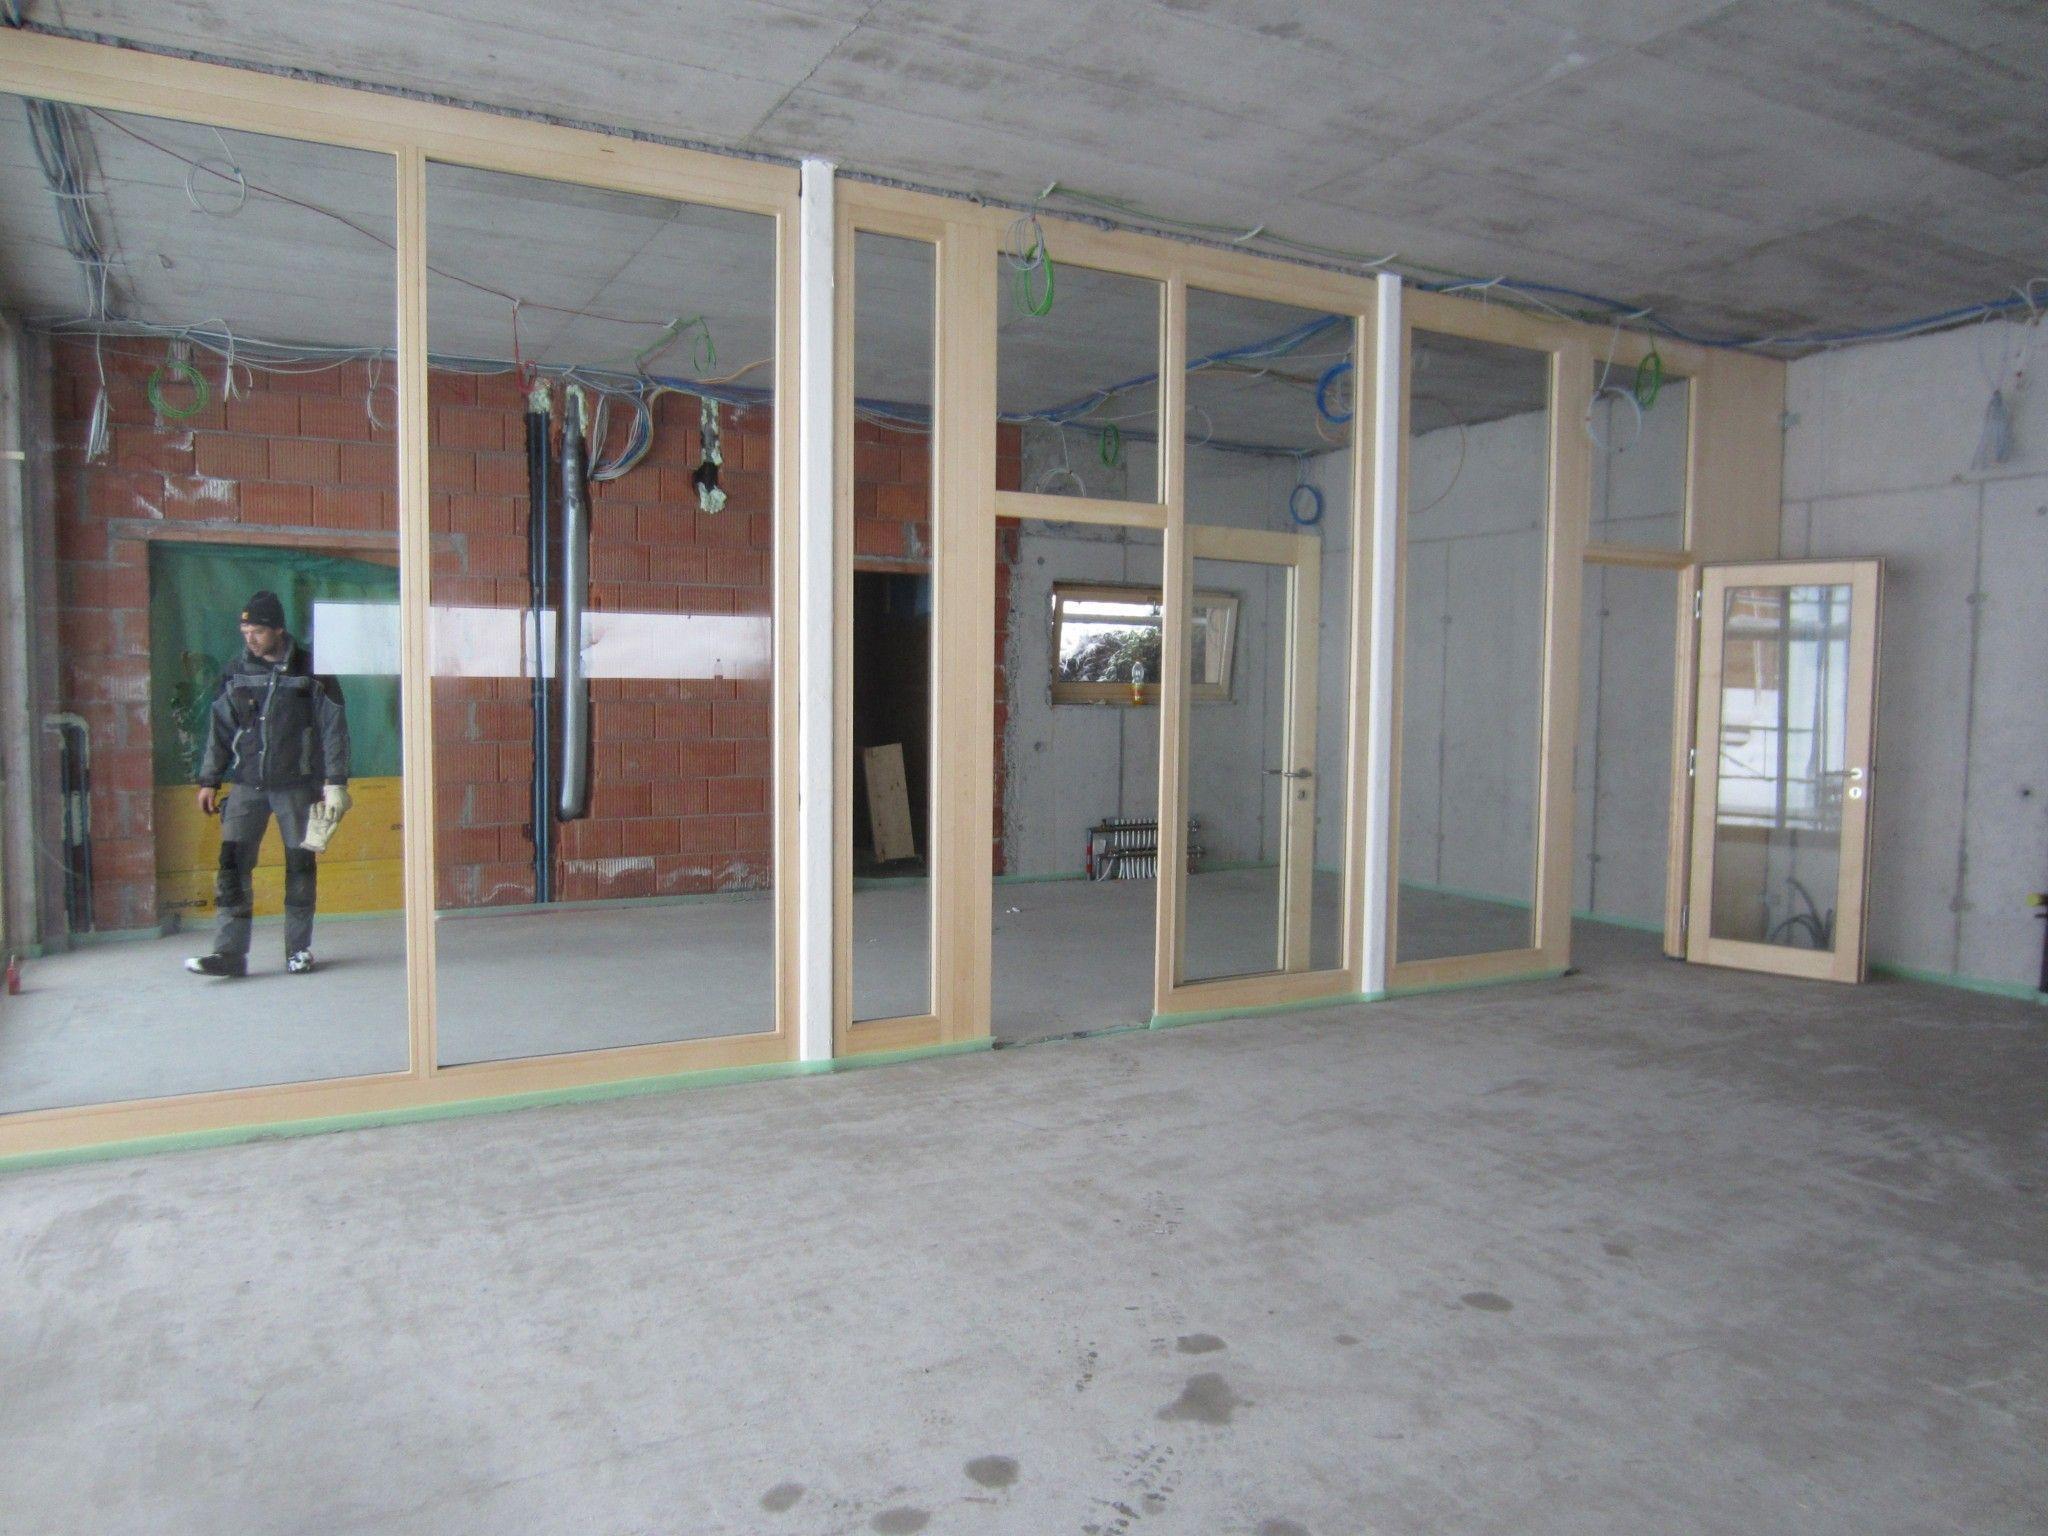 Erweiterung Bewegungskindergarten Fraxern: Die Innenarbeiten haben begonnen.